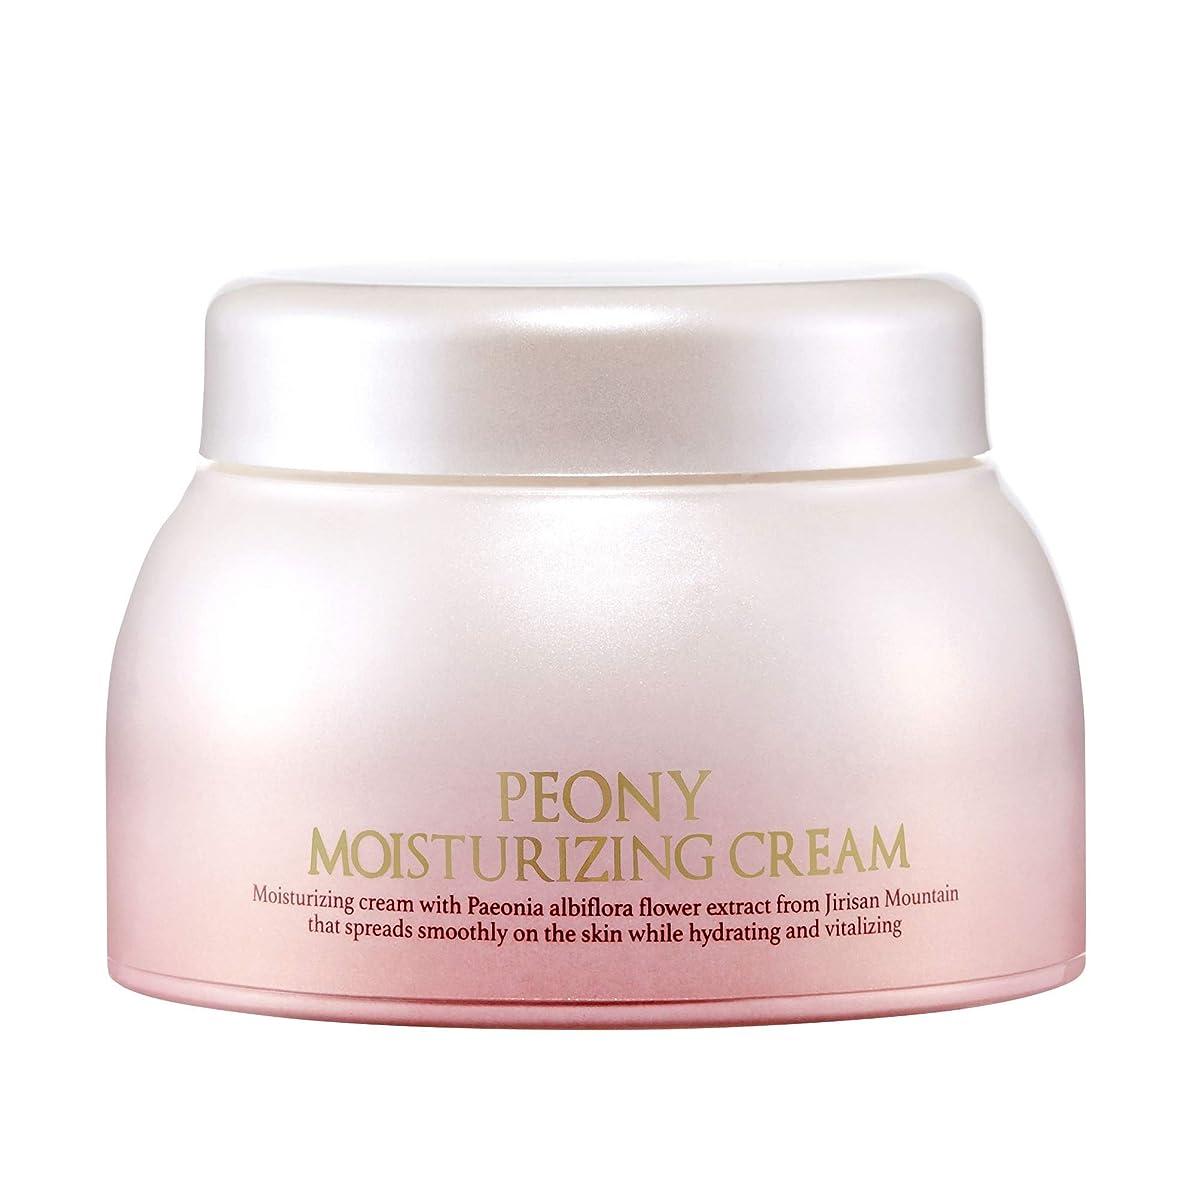 防止省しがみつくBAEGAYUL (ベガユル) シャクヤク 保湿クリーム / Peony Moisturizing Cream (50g) [並行輸入品]